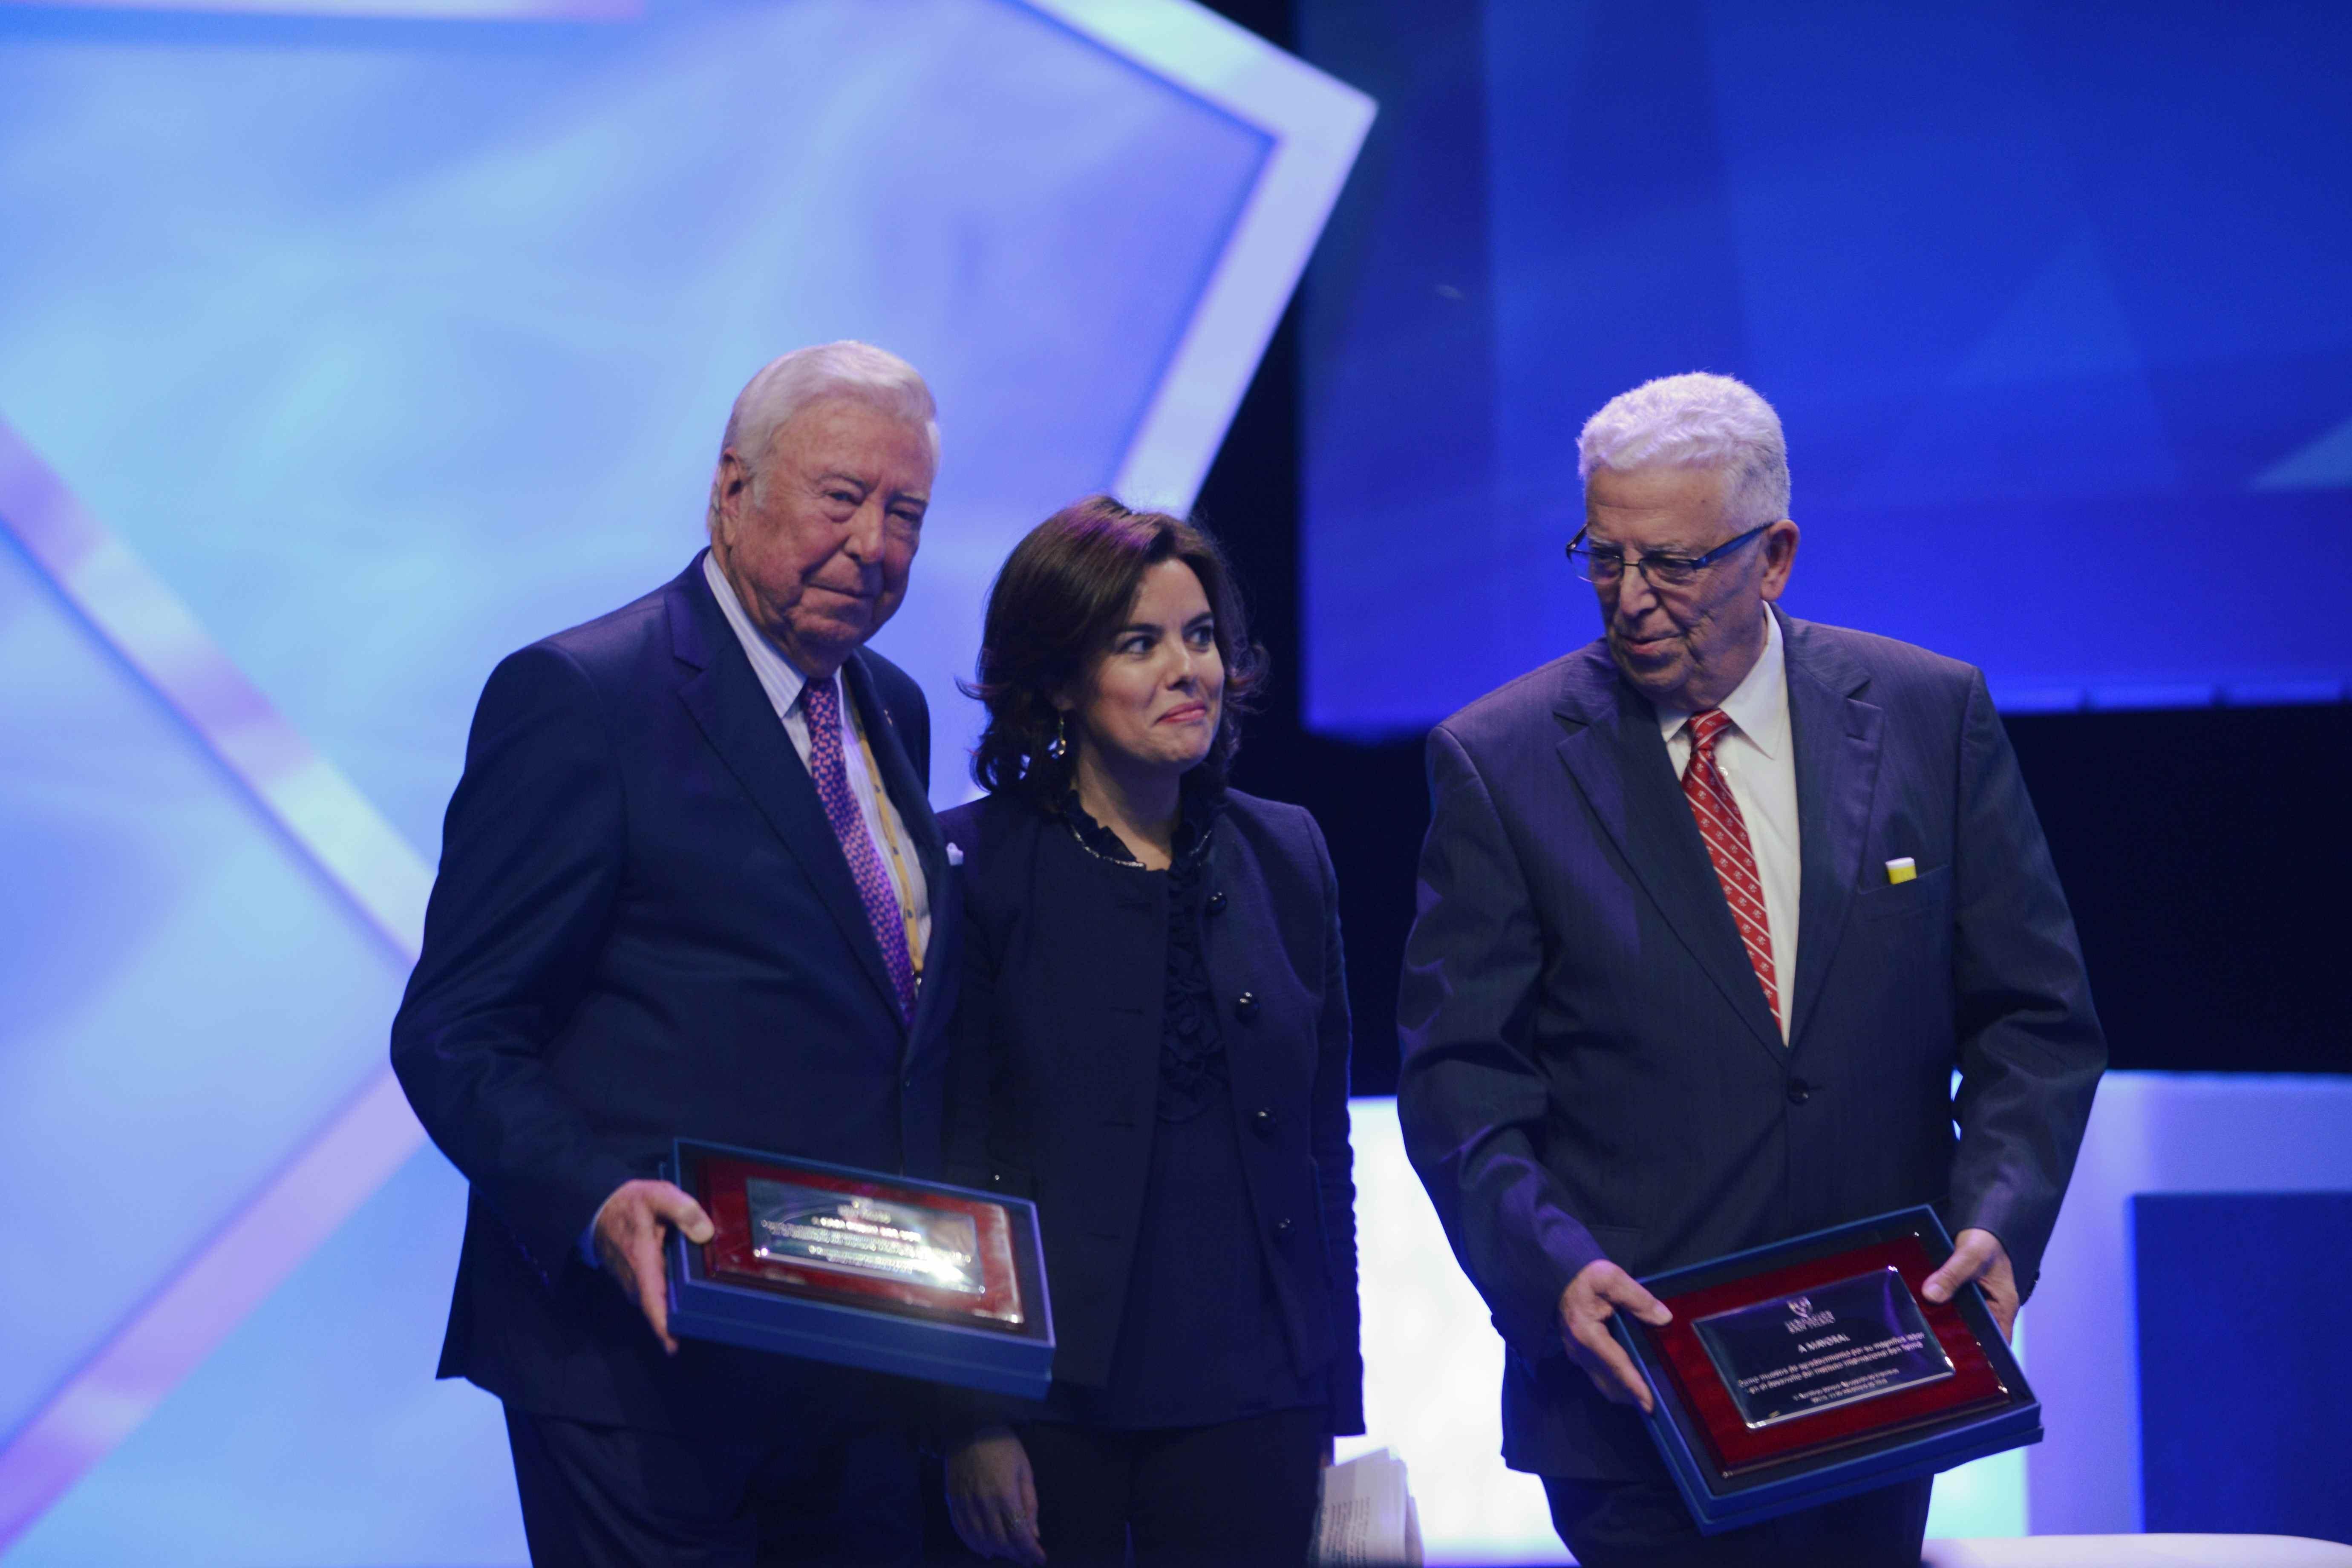 La vicepresidenta del Gobierno fue la encargada de hacer entrega de los reconocimientos de San Telmo, entre ellos a Caja Rural del Sur.